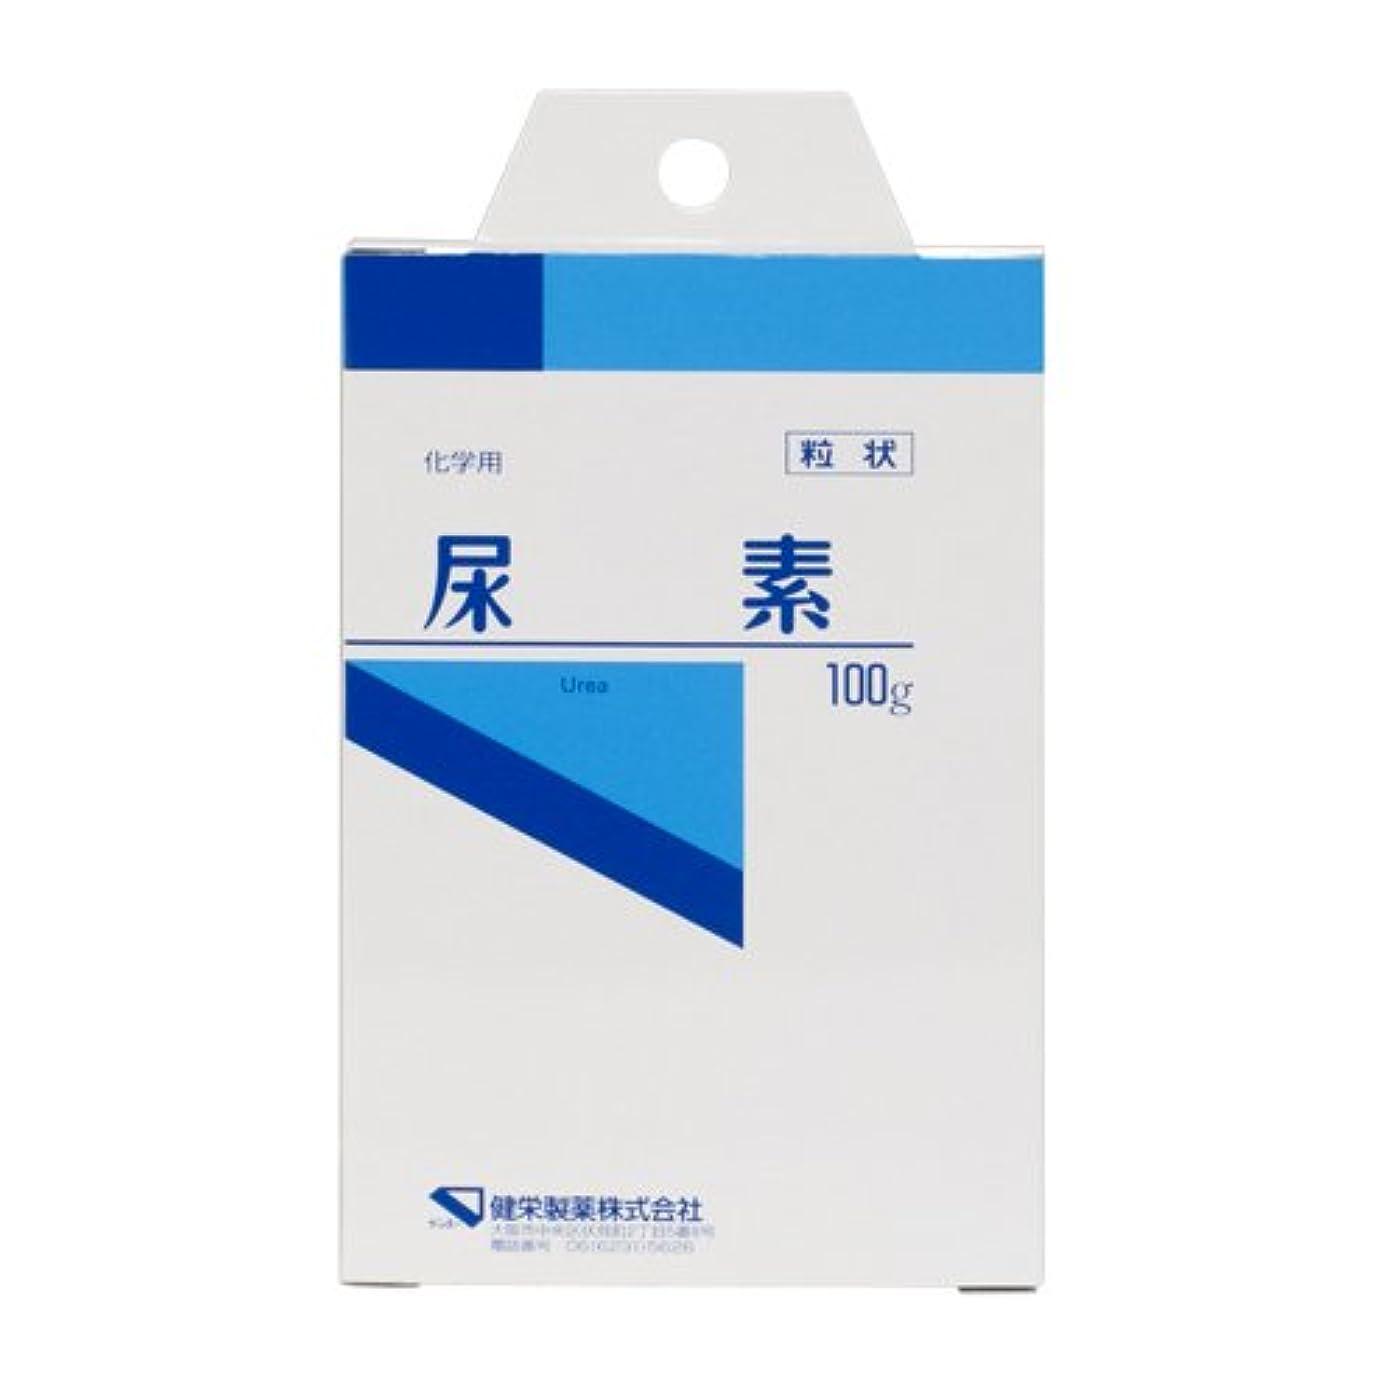 株式つぶやき特殊尿素(粒状) 100g